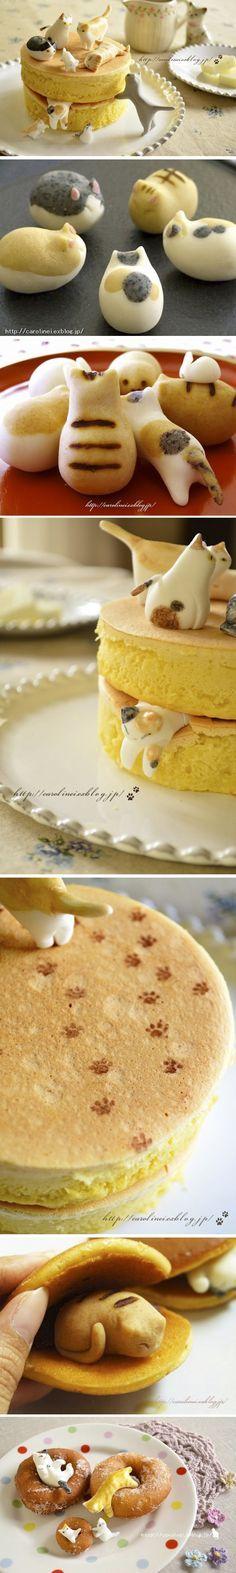 hotcakes ..² ,..,